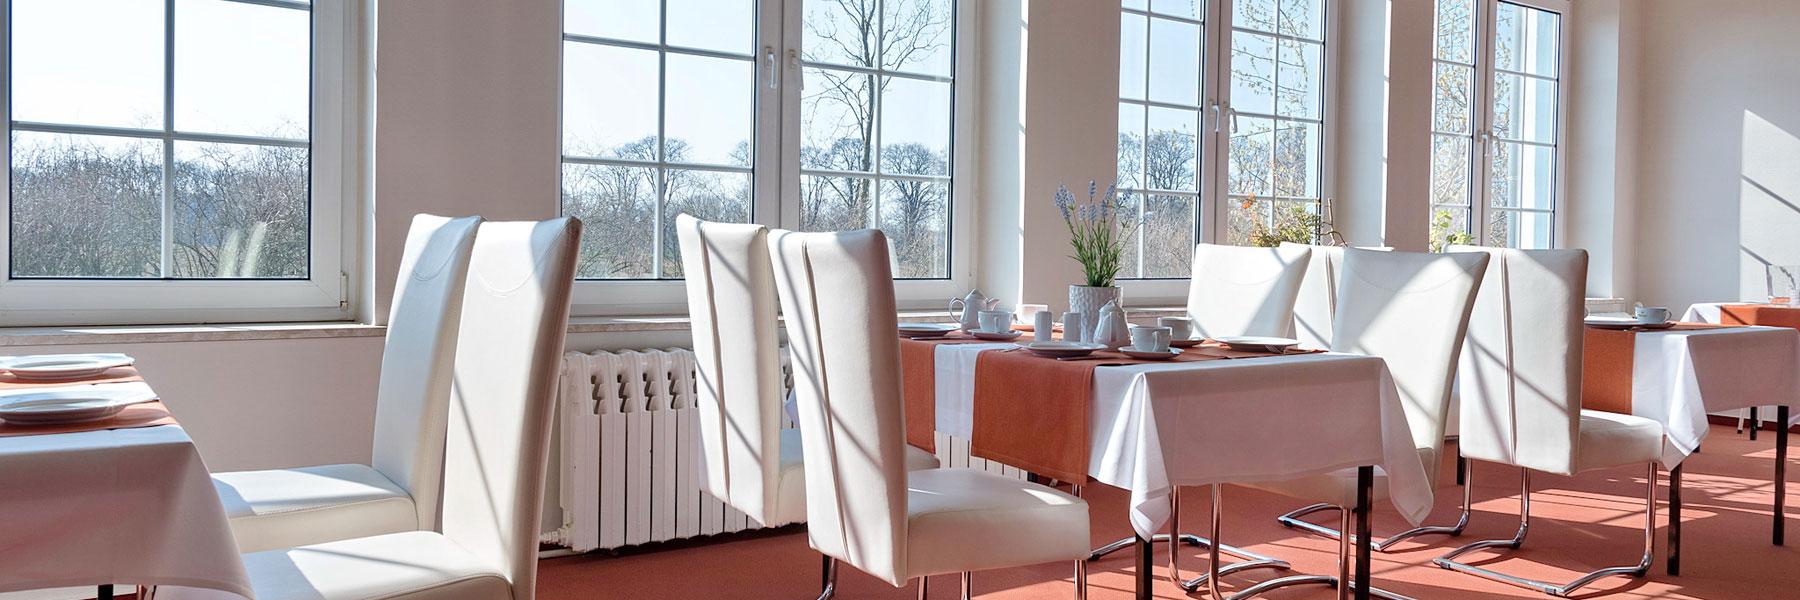 Restaurant - Hotel Haus ÜberLand